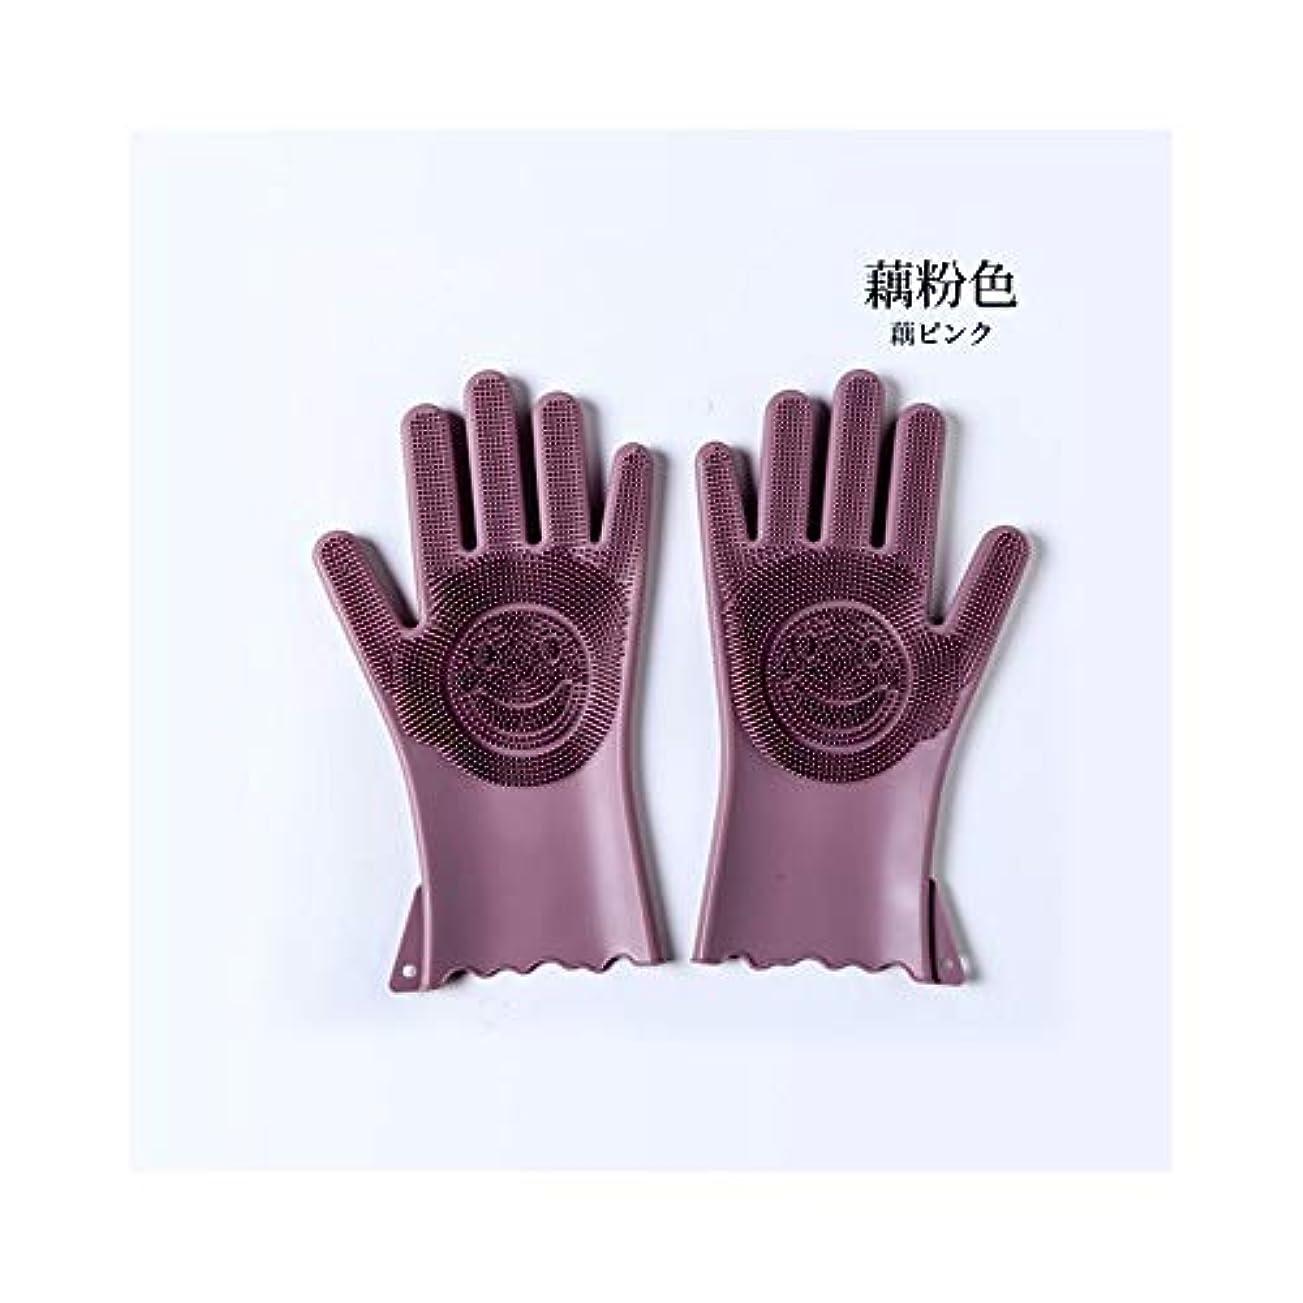 シビックがっかりした郵便局使い捨て手袋 作業用手袋防水厚くて丈夫なシリコーン多機能キッチン家庭用手袋 ニトリルゴム手袋 (Color : PINK, Size : M)